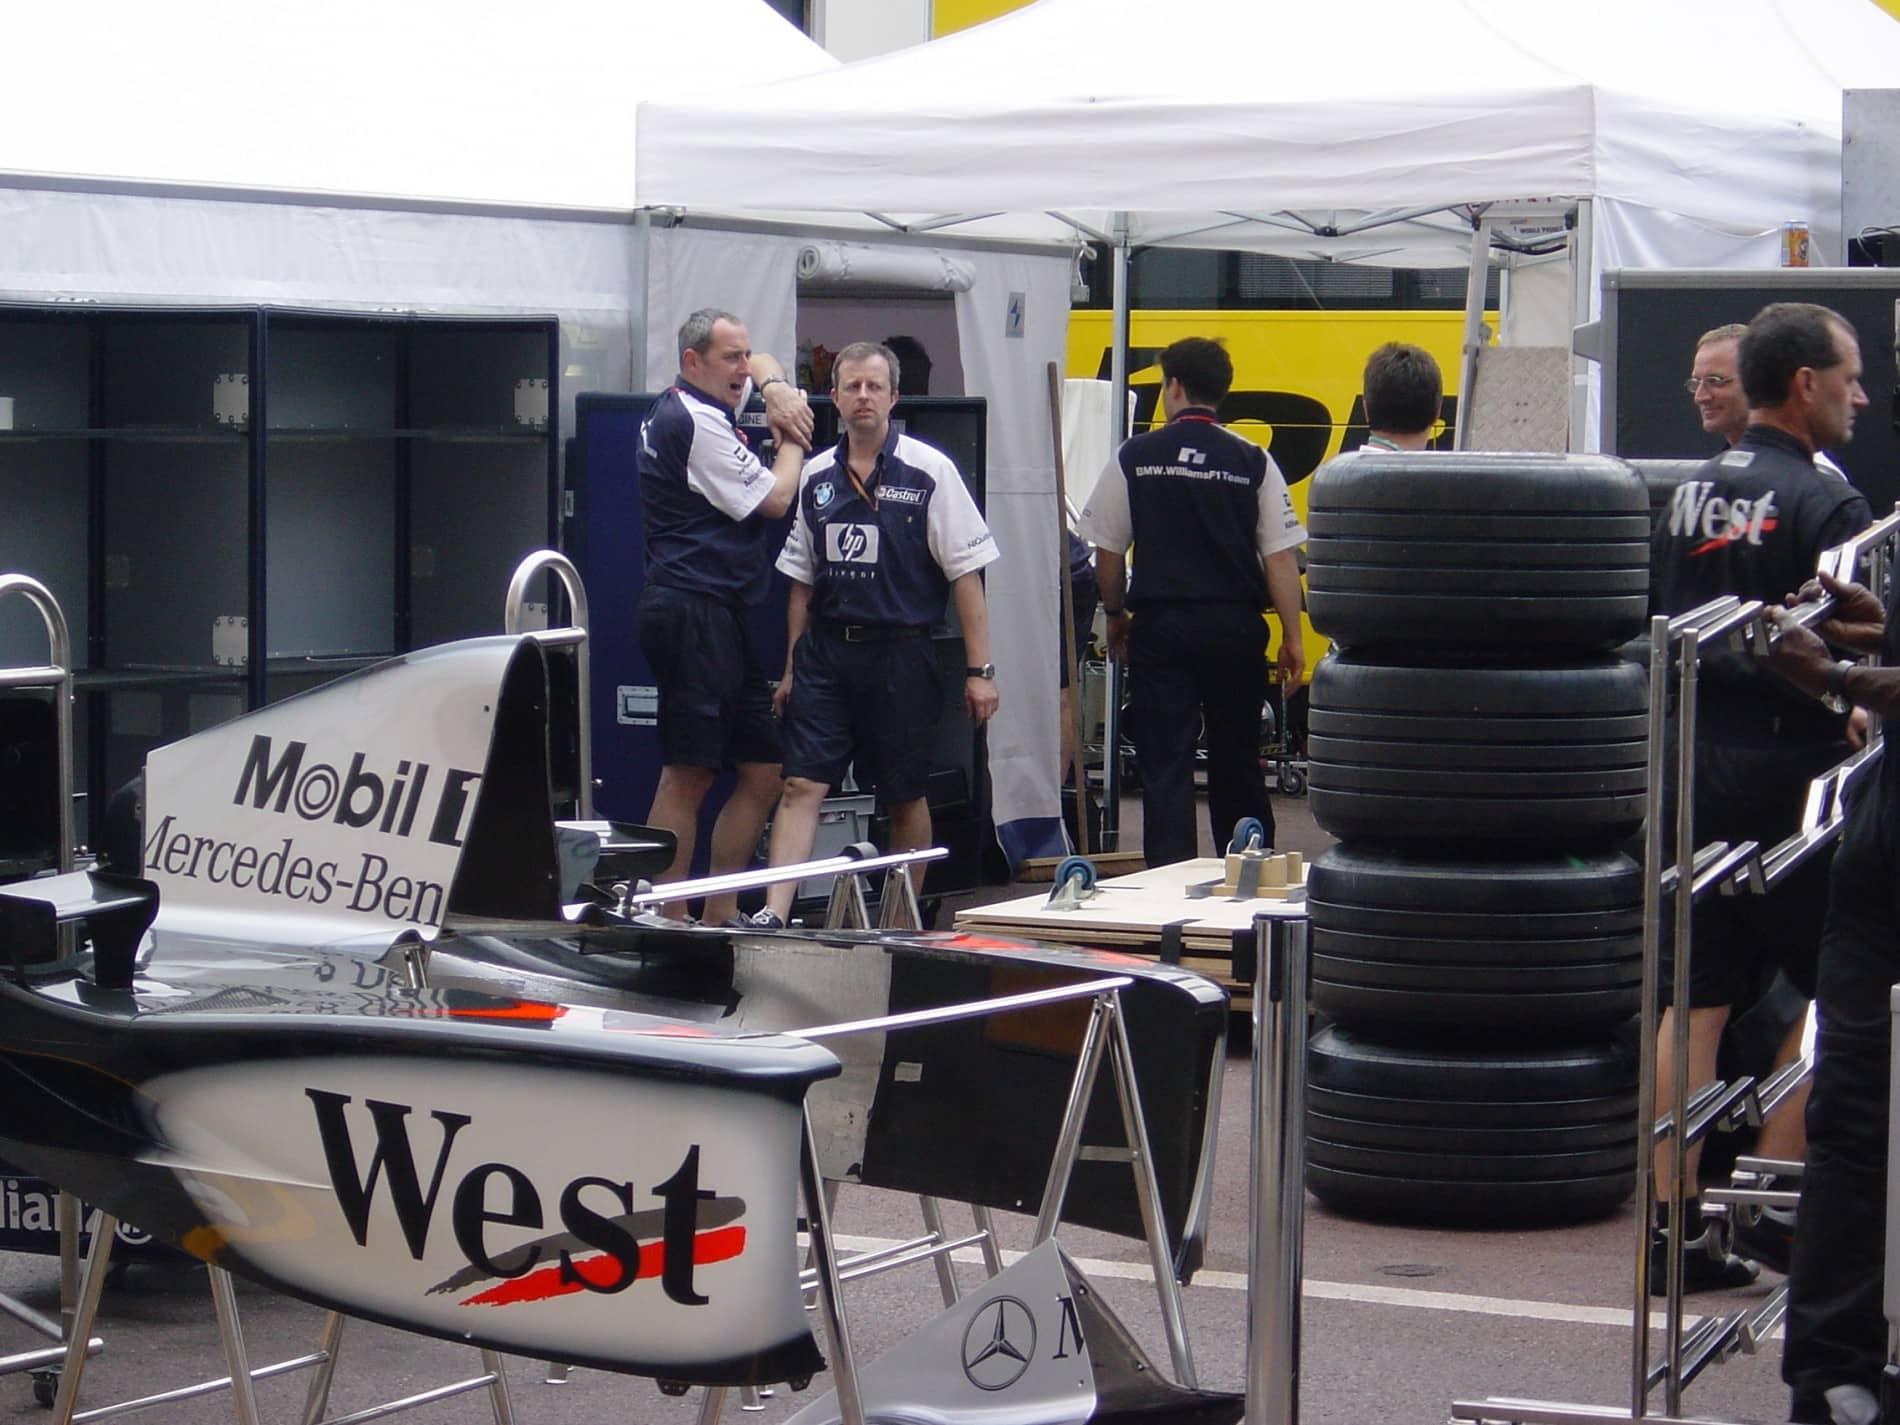 Formule 1 Grand Prix Monaco